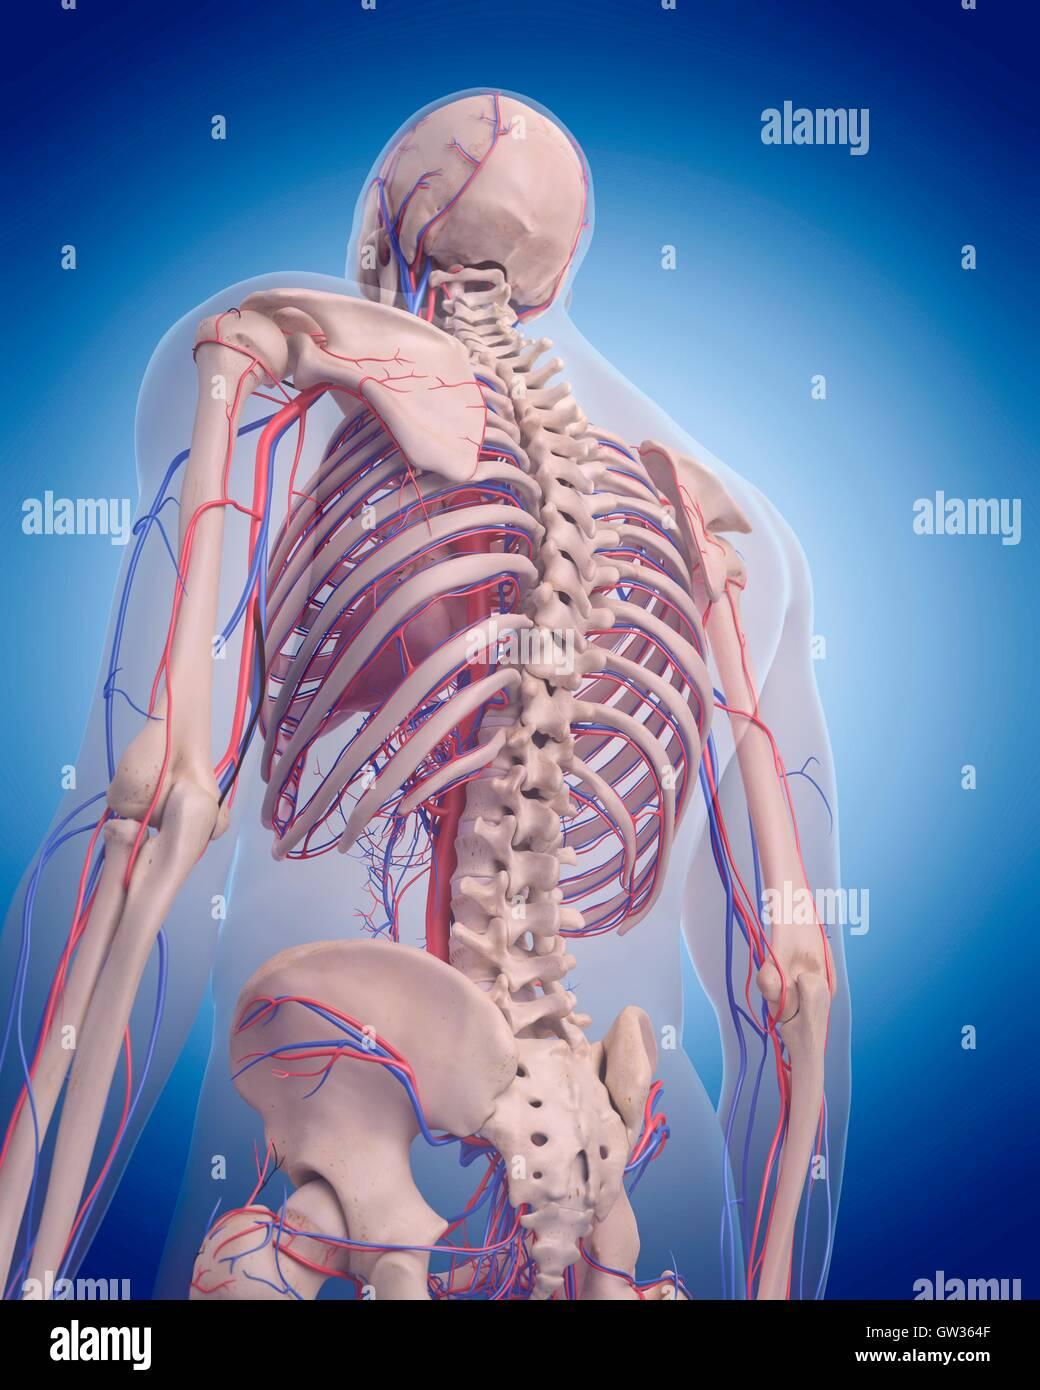 Menschliche Gefäßsystem des Rückens, Abbildung Stockfoto, Bild ...